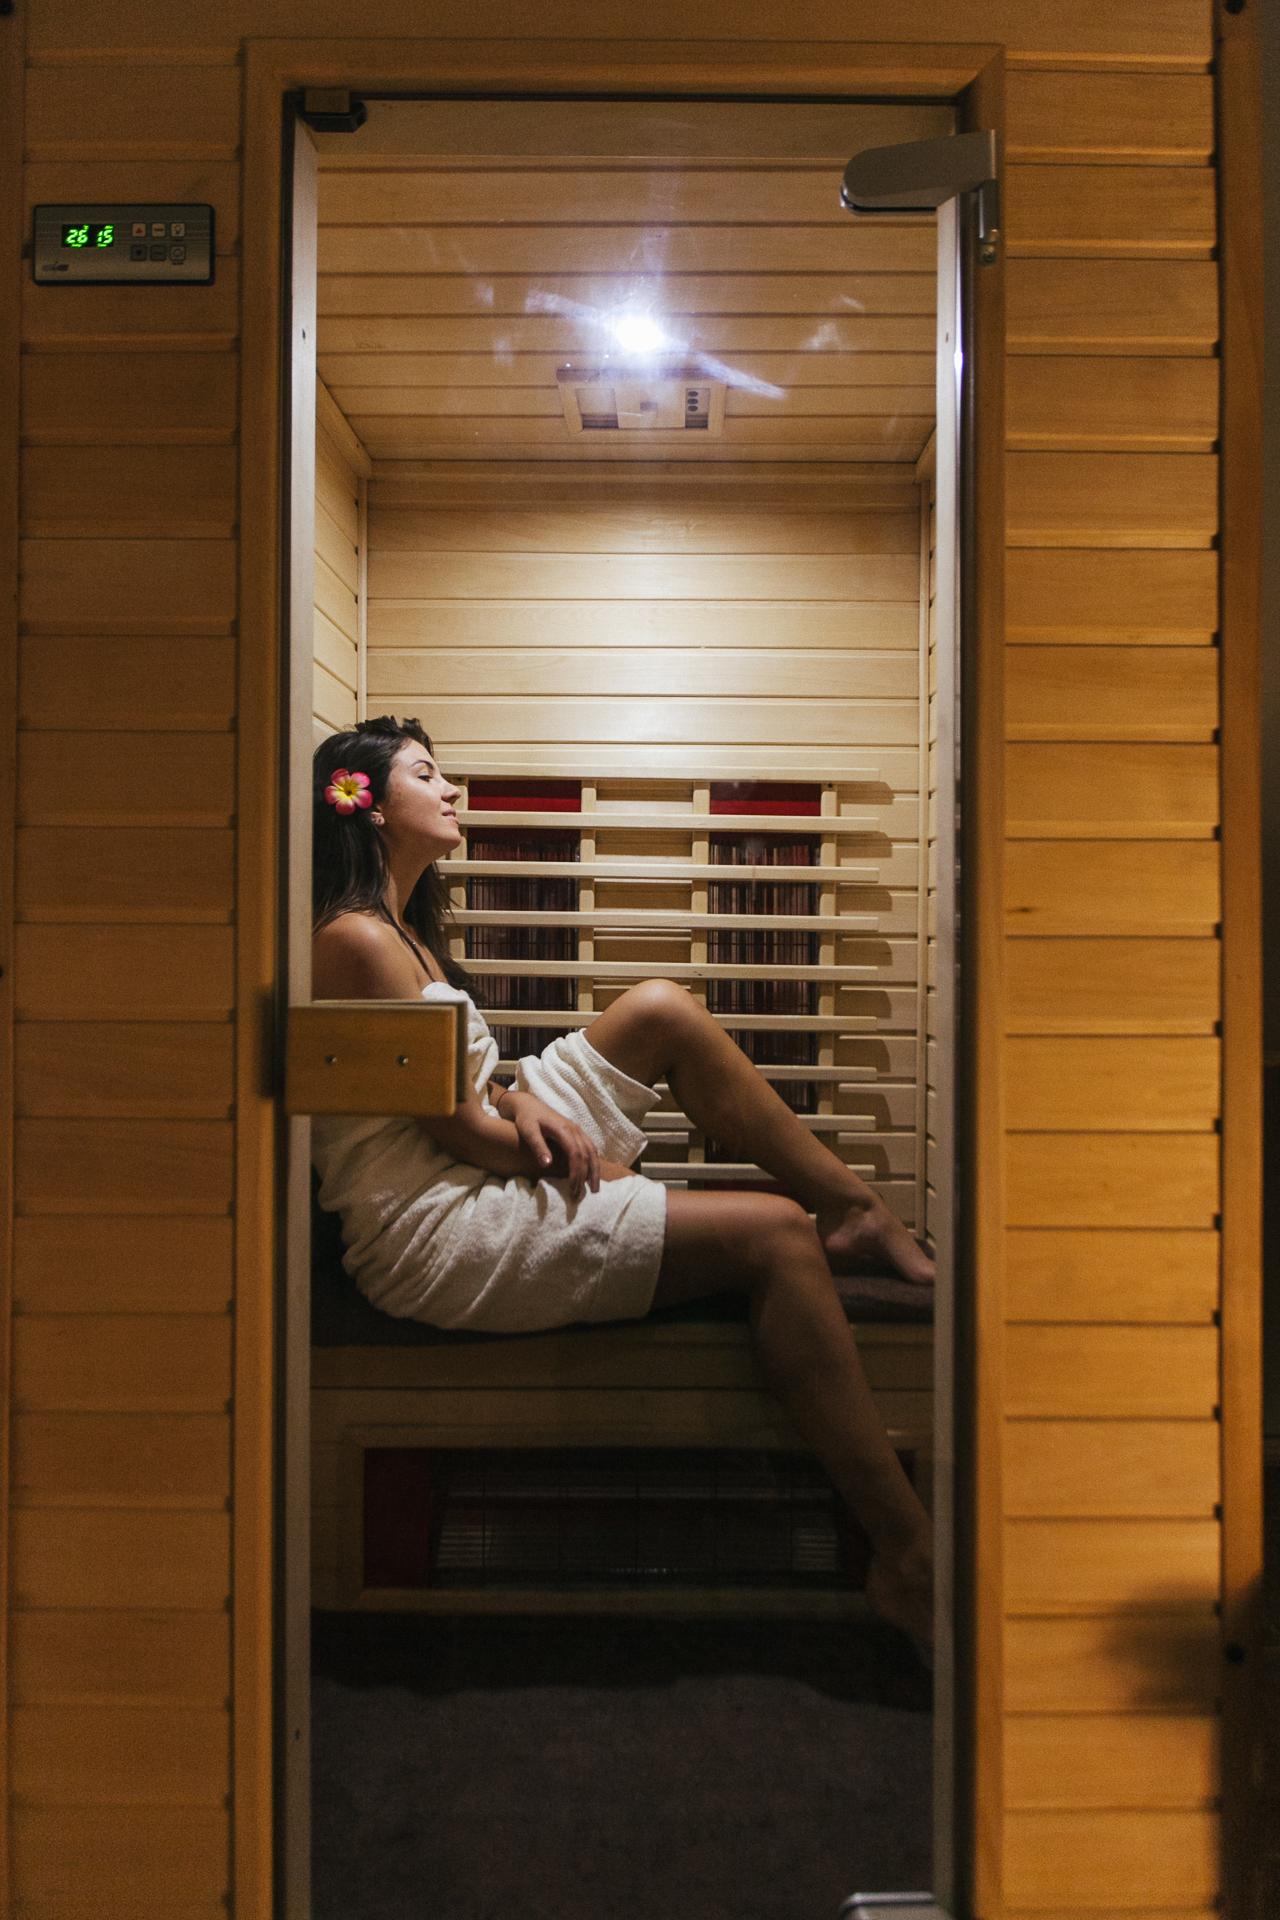 realnie-kameri-v-massazhnom-salone